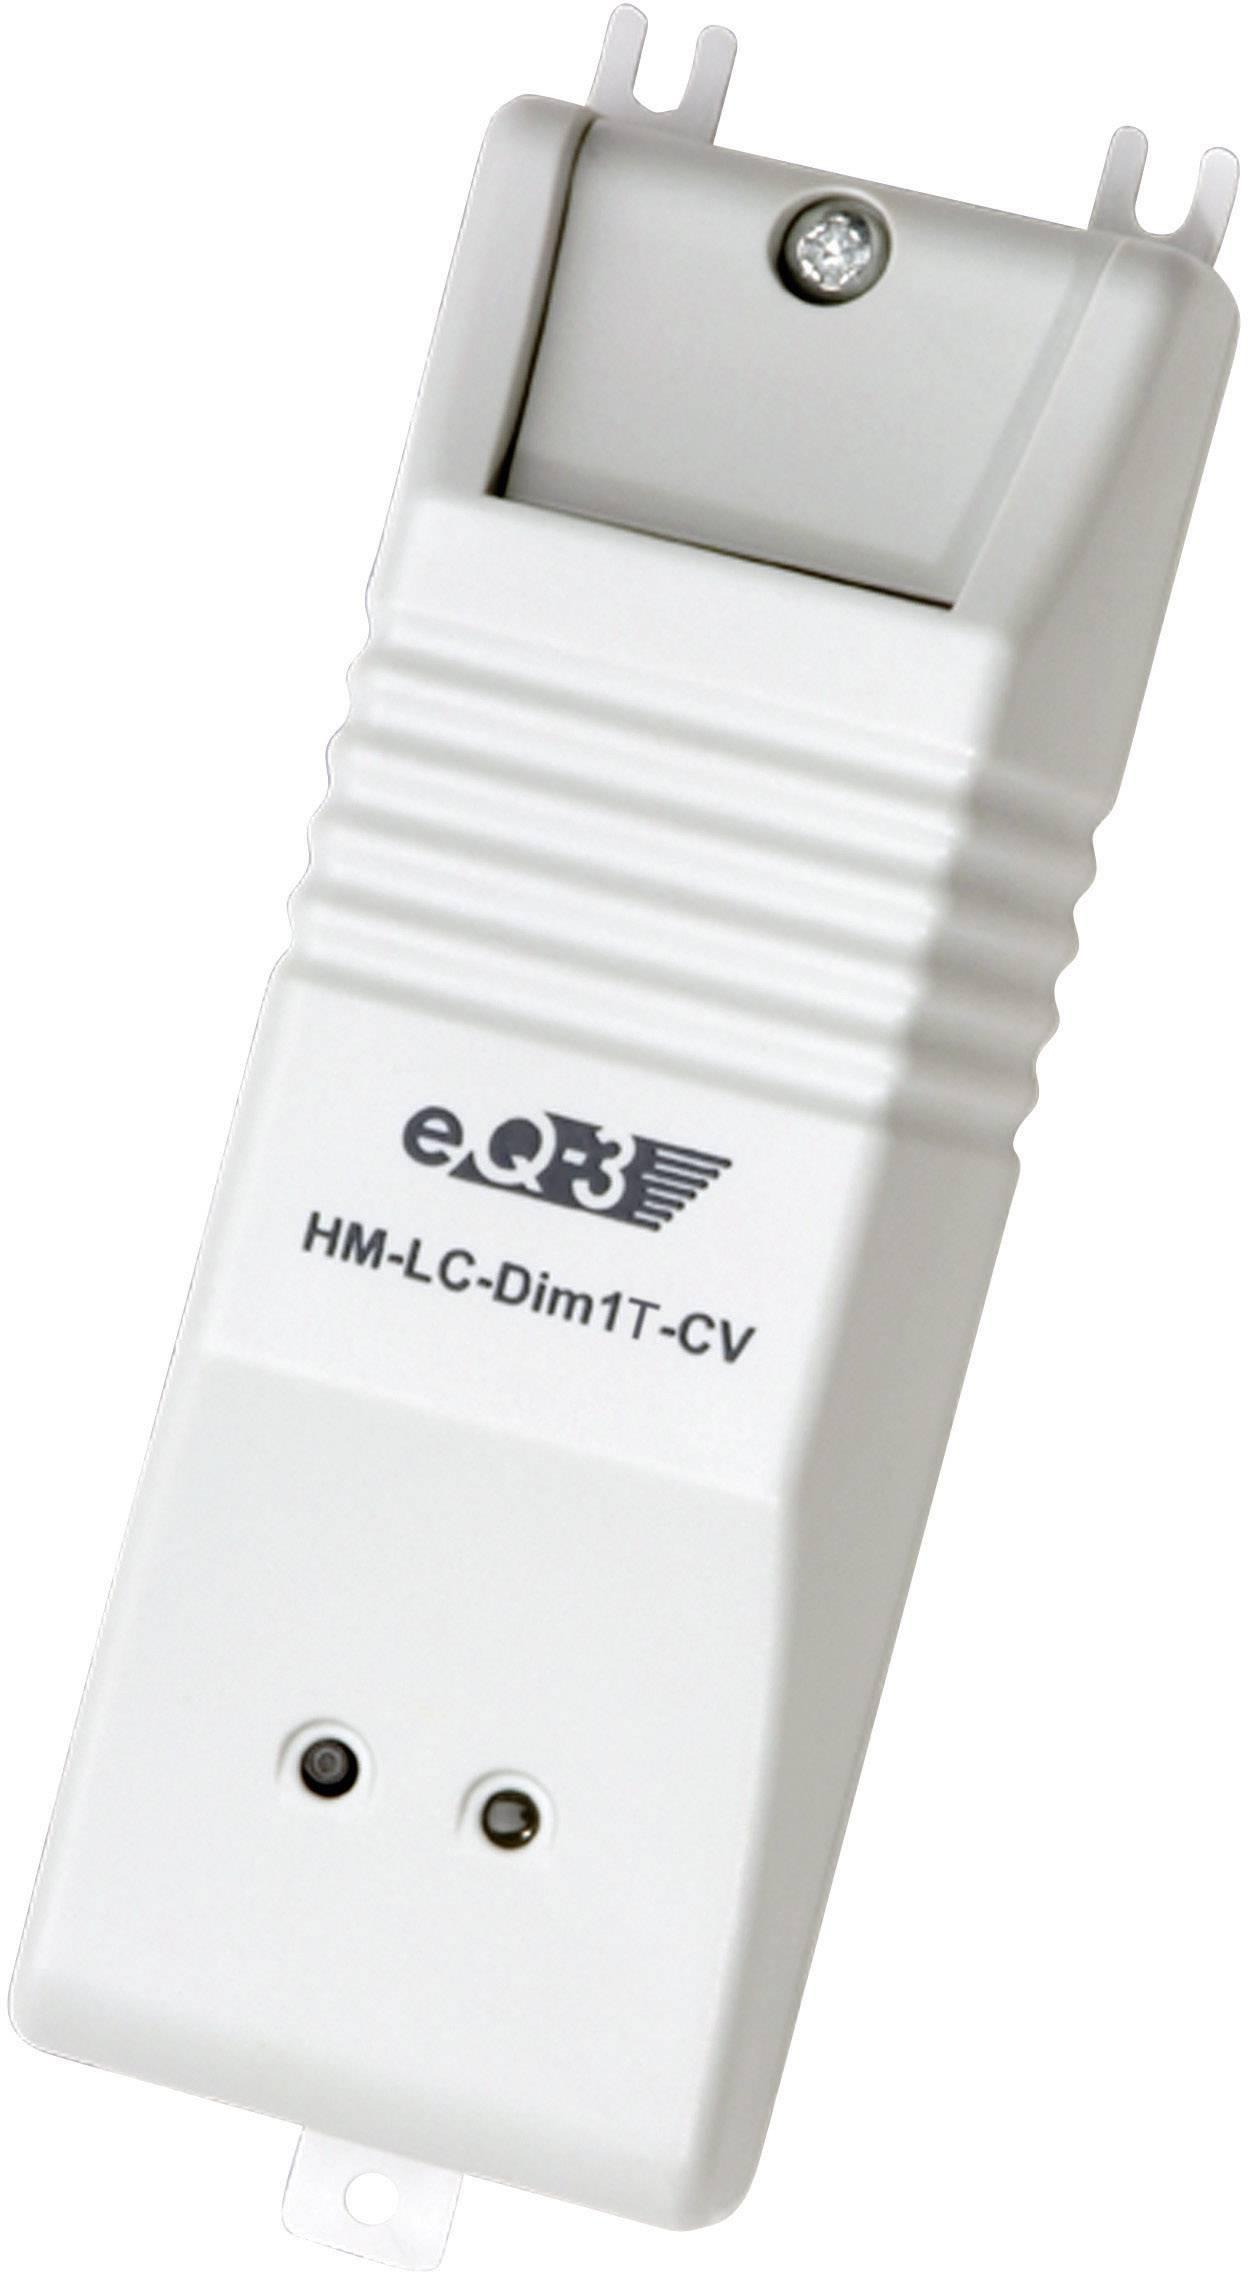 Bezdrôtový stmievač HomeMatic HM-LC-Dim1T-CV, max. 400 W